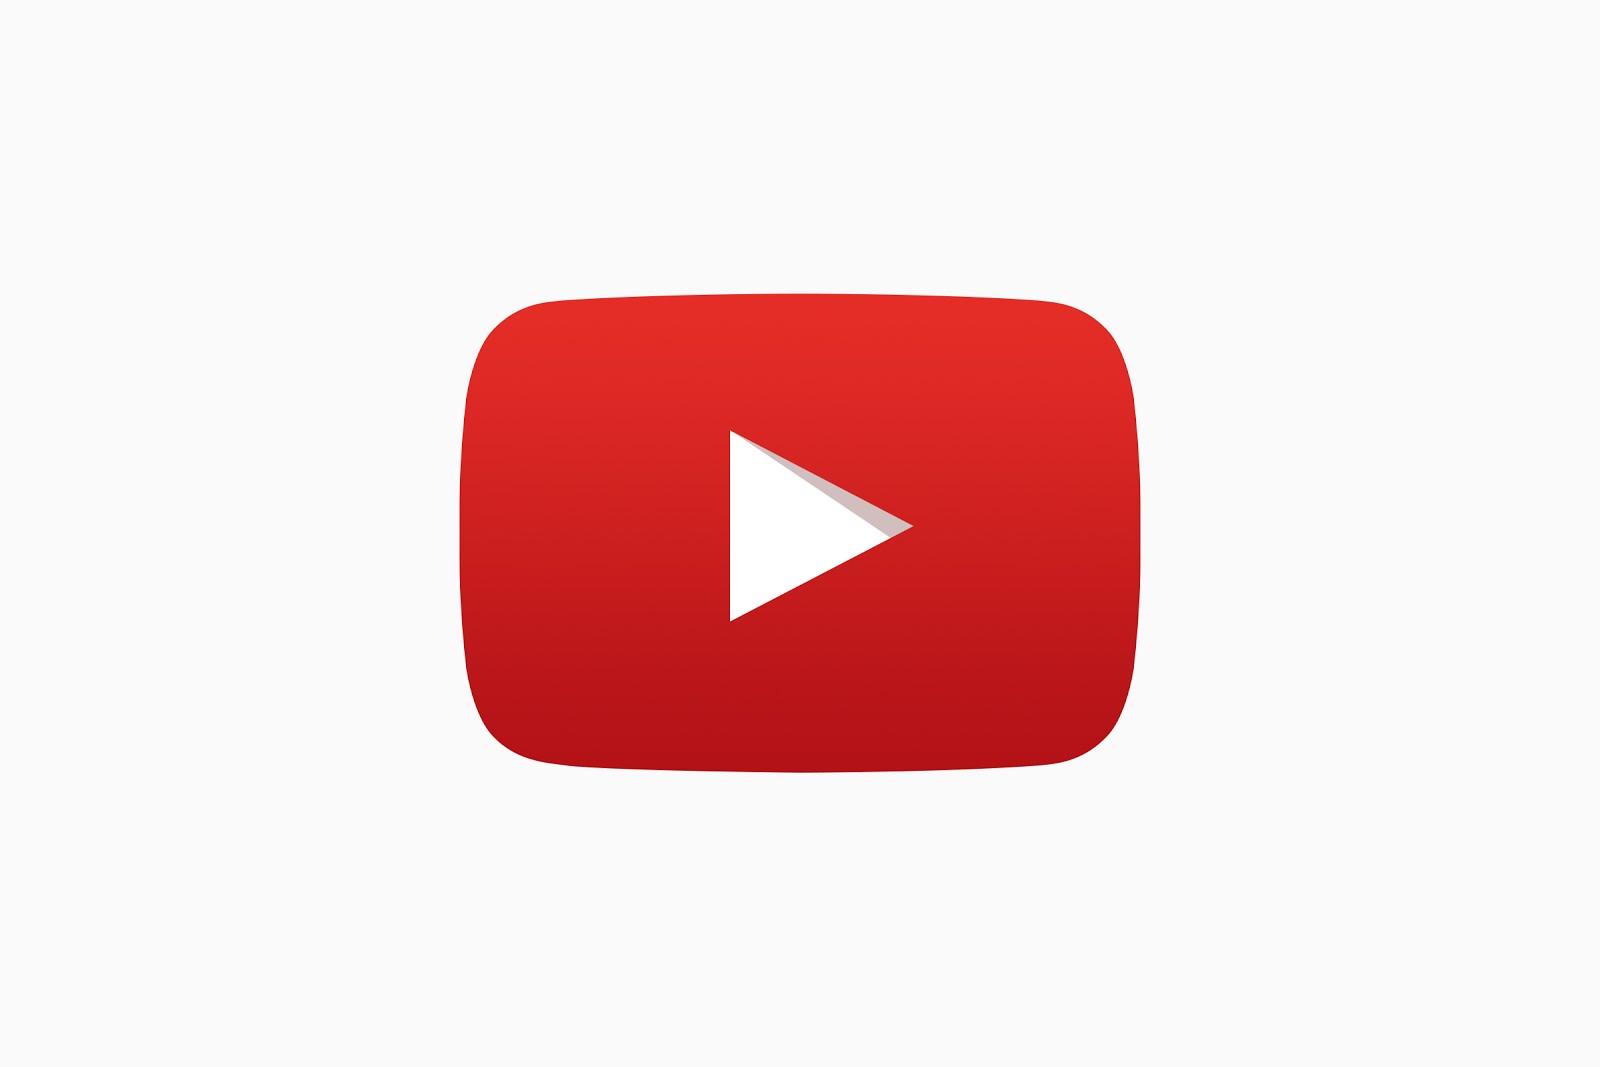 Youtube - clique na foto e confira os vídeos do canal!